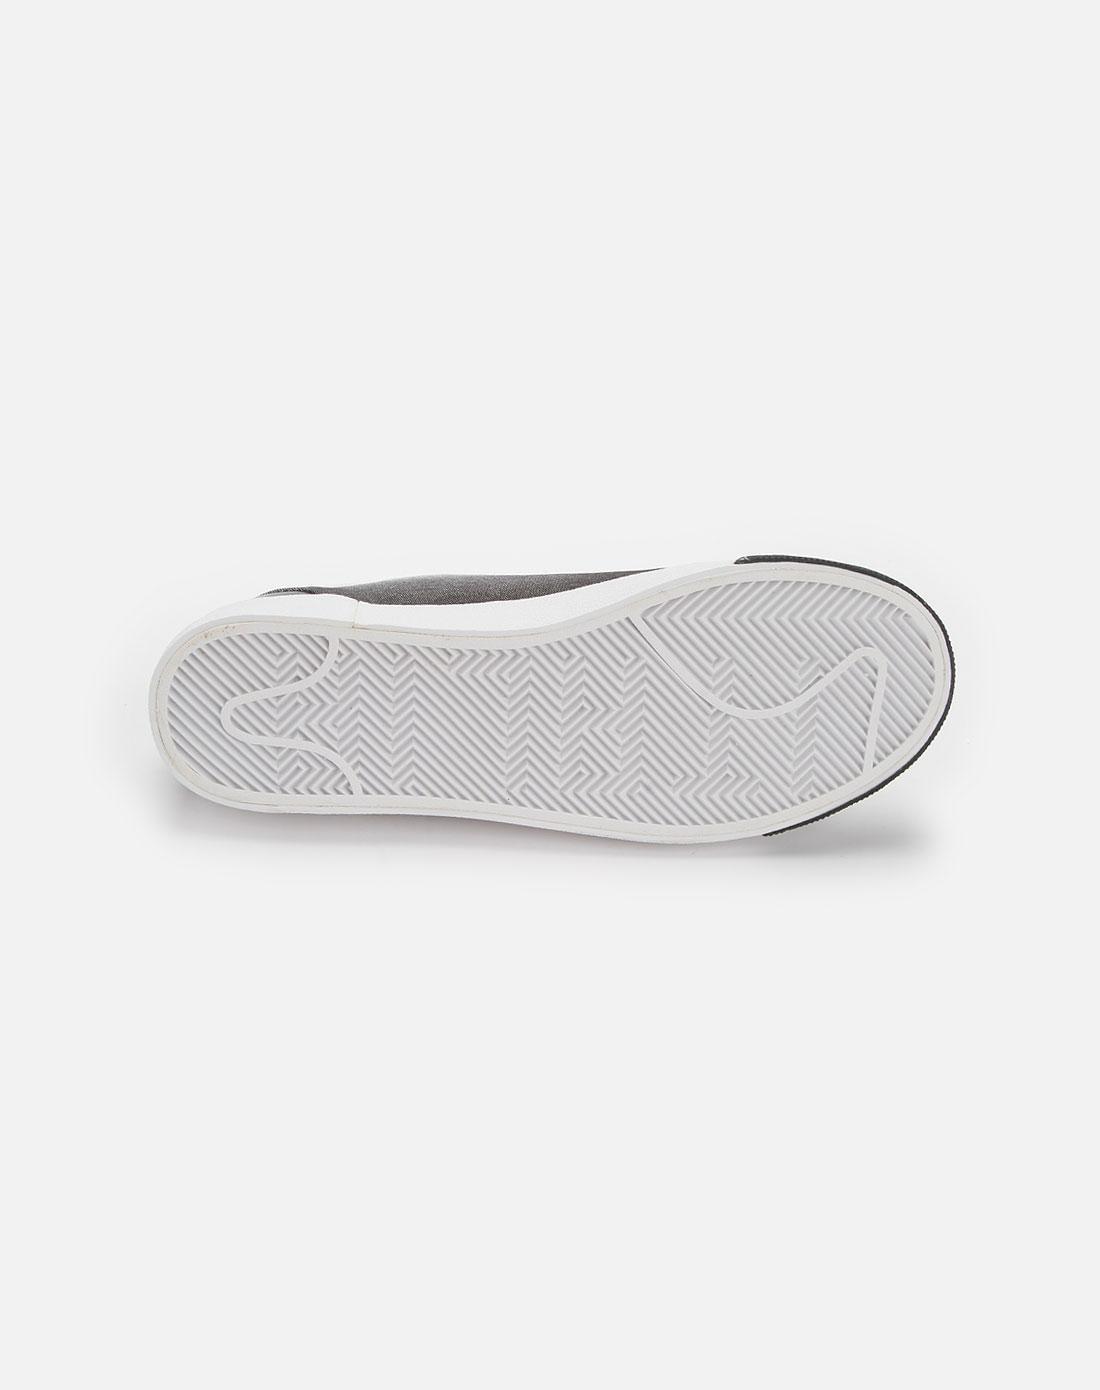 卡帕kappa男装专场-黑/白色时尚板鞋